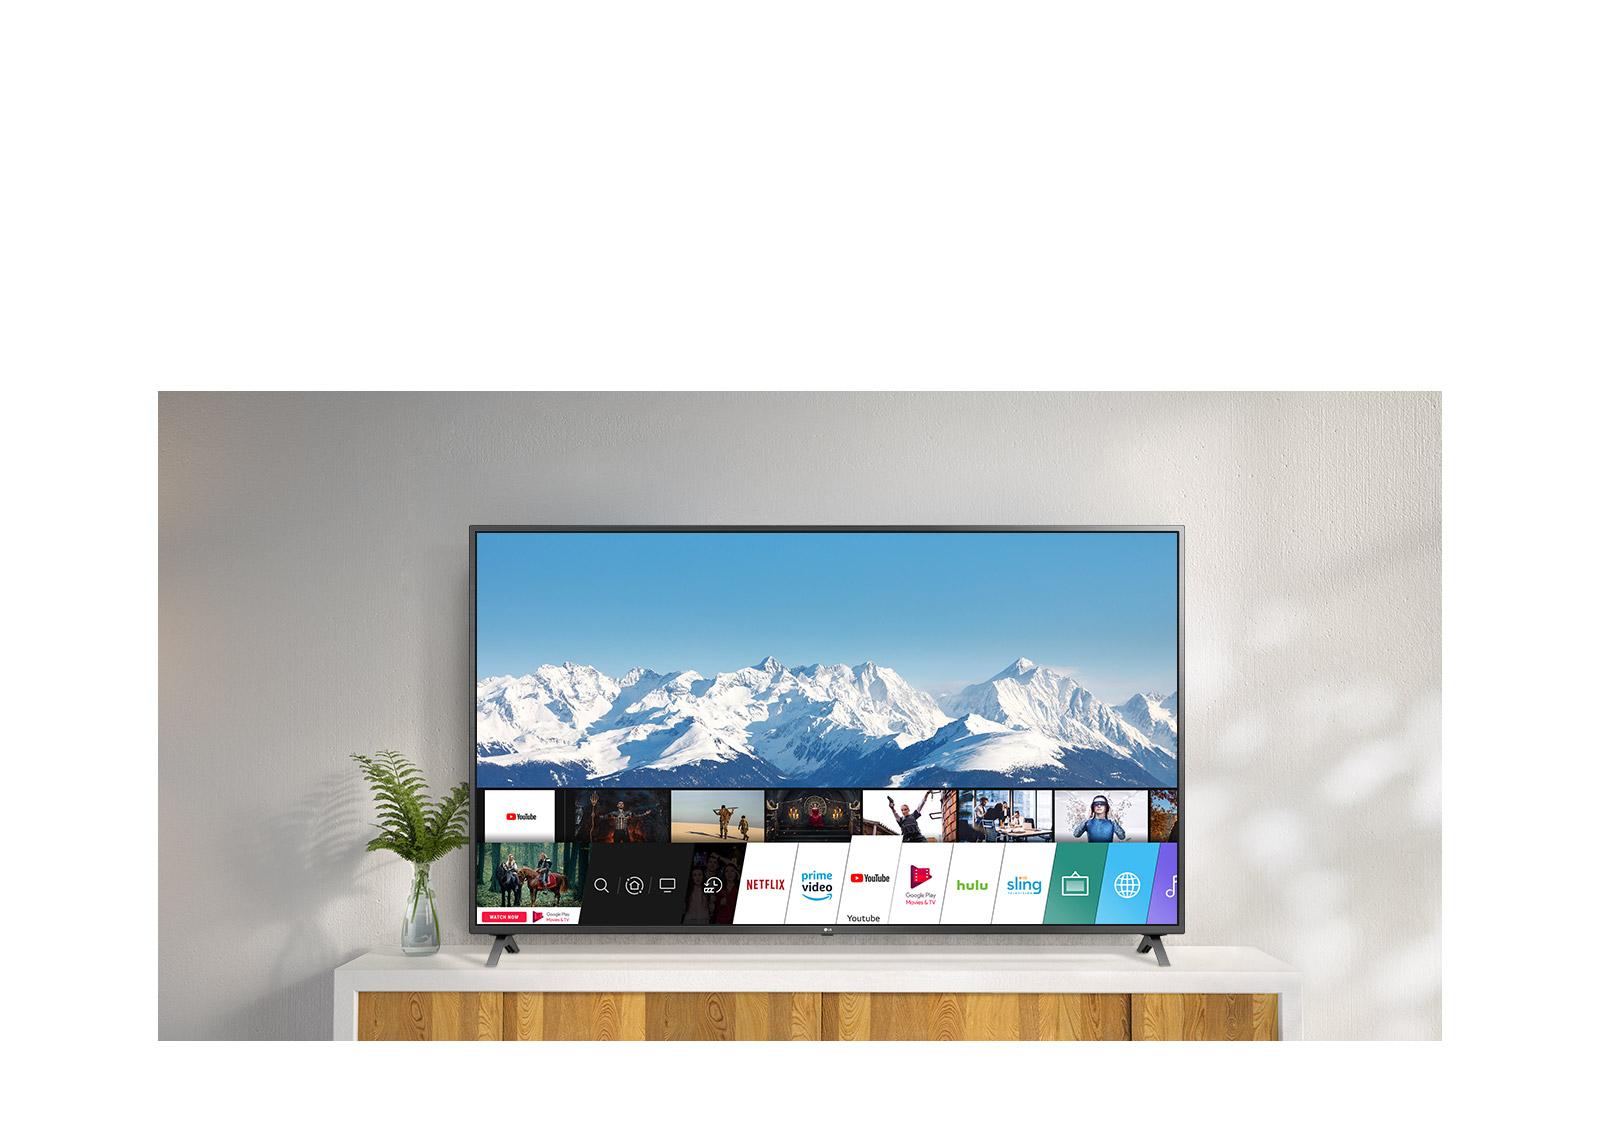 قیمت تلویزیون 55 اینچ و 4K ال جی مدل 55UN8060